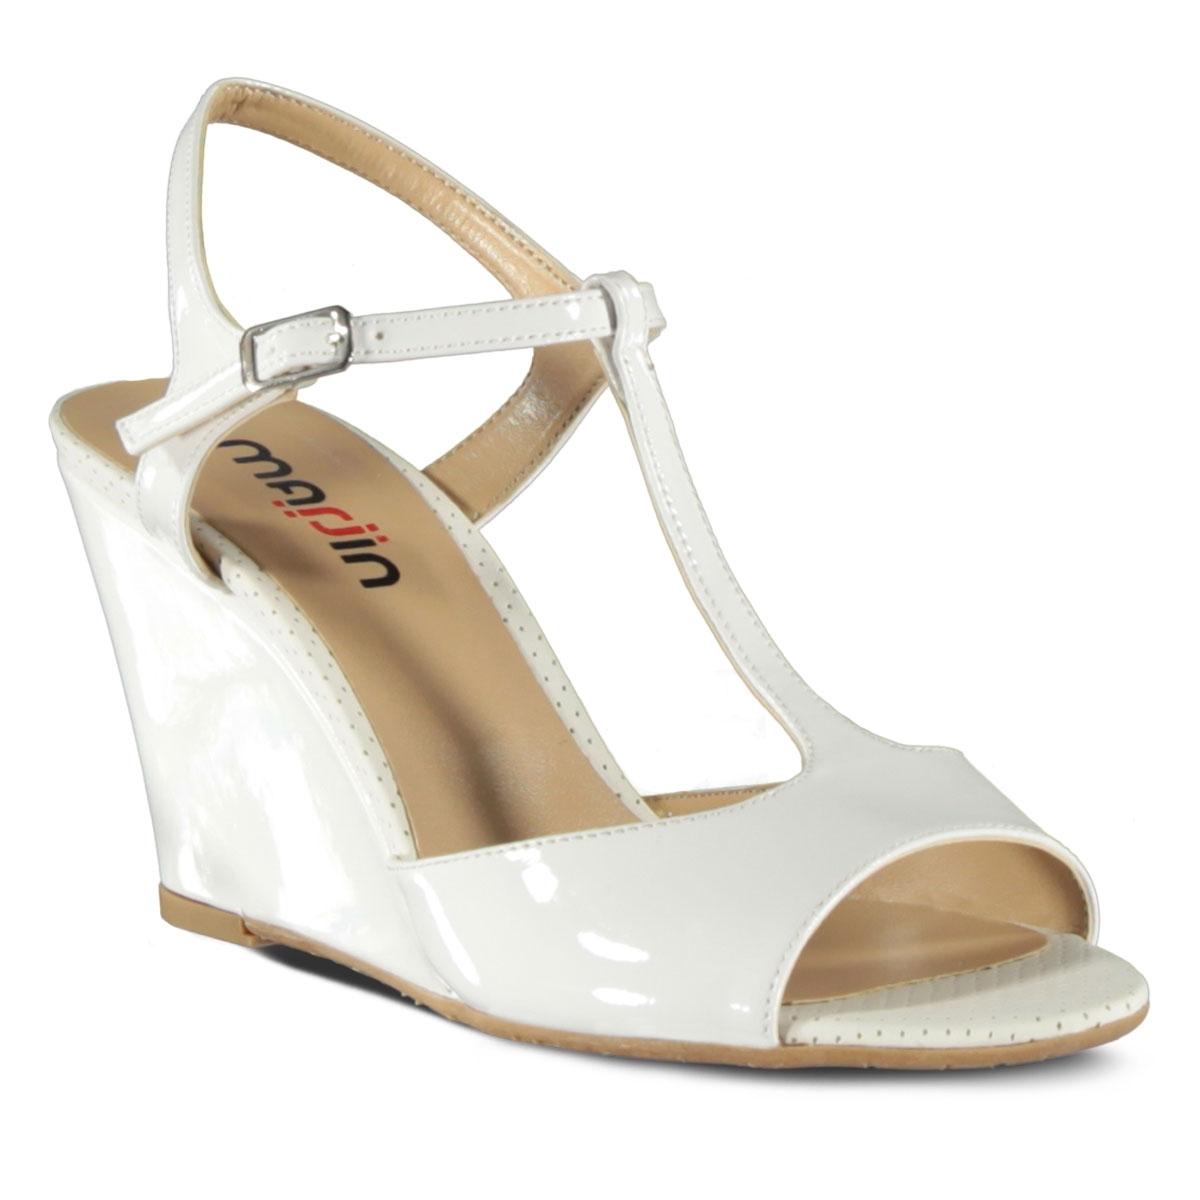 beyaz-topuklu-gelin-ayakkabi-modelleri-9